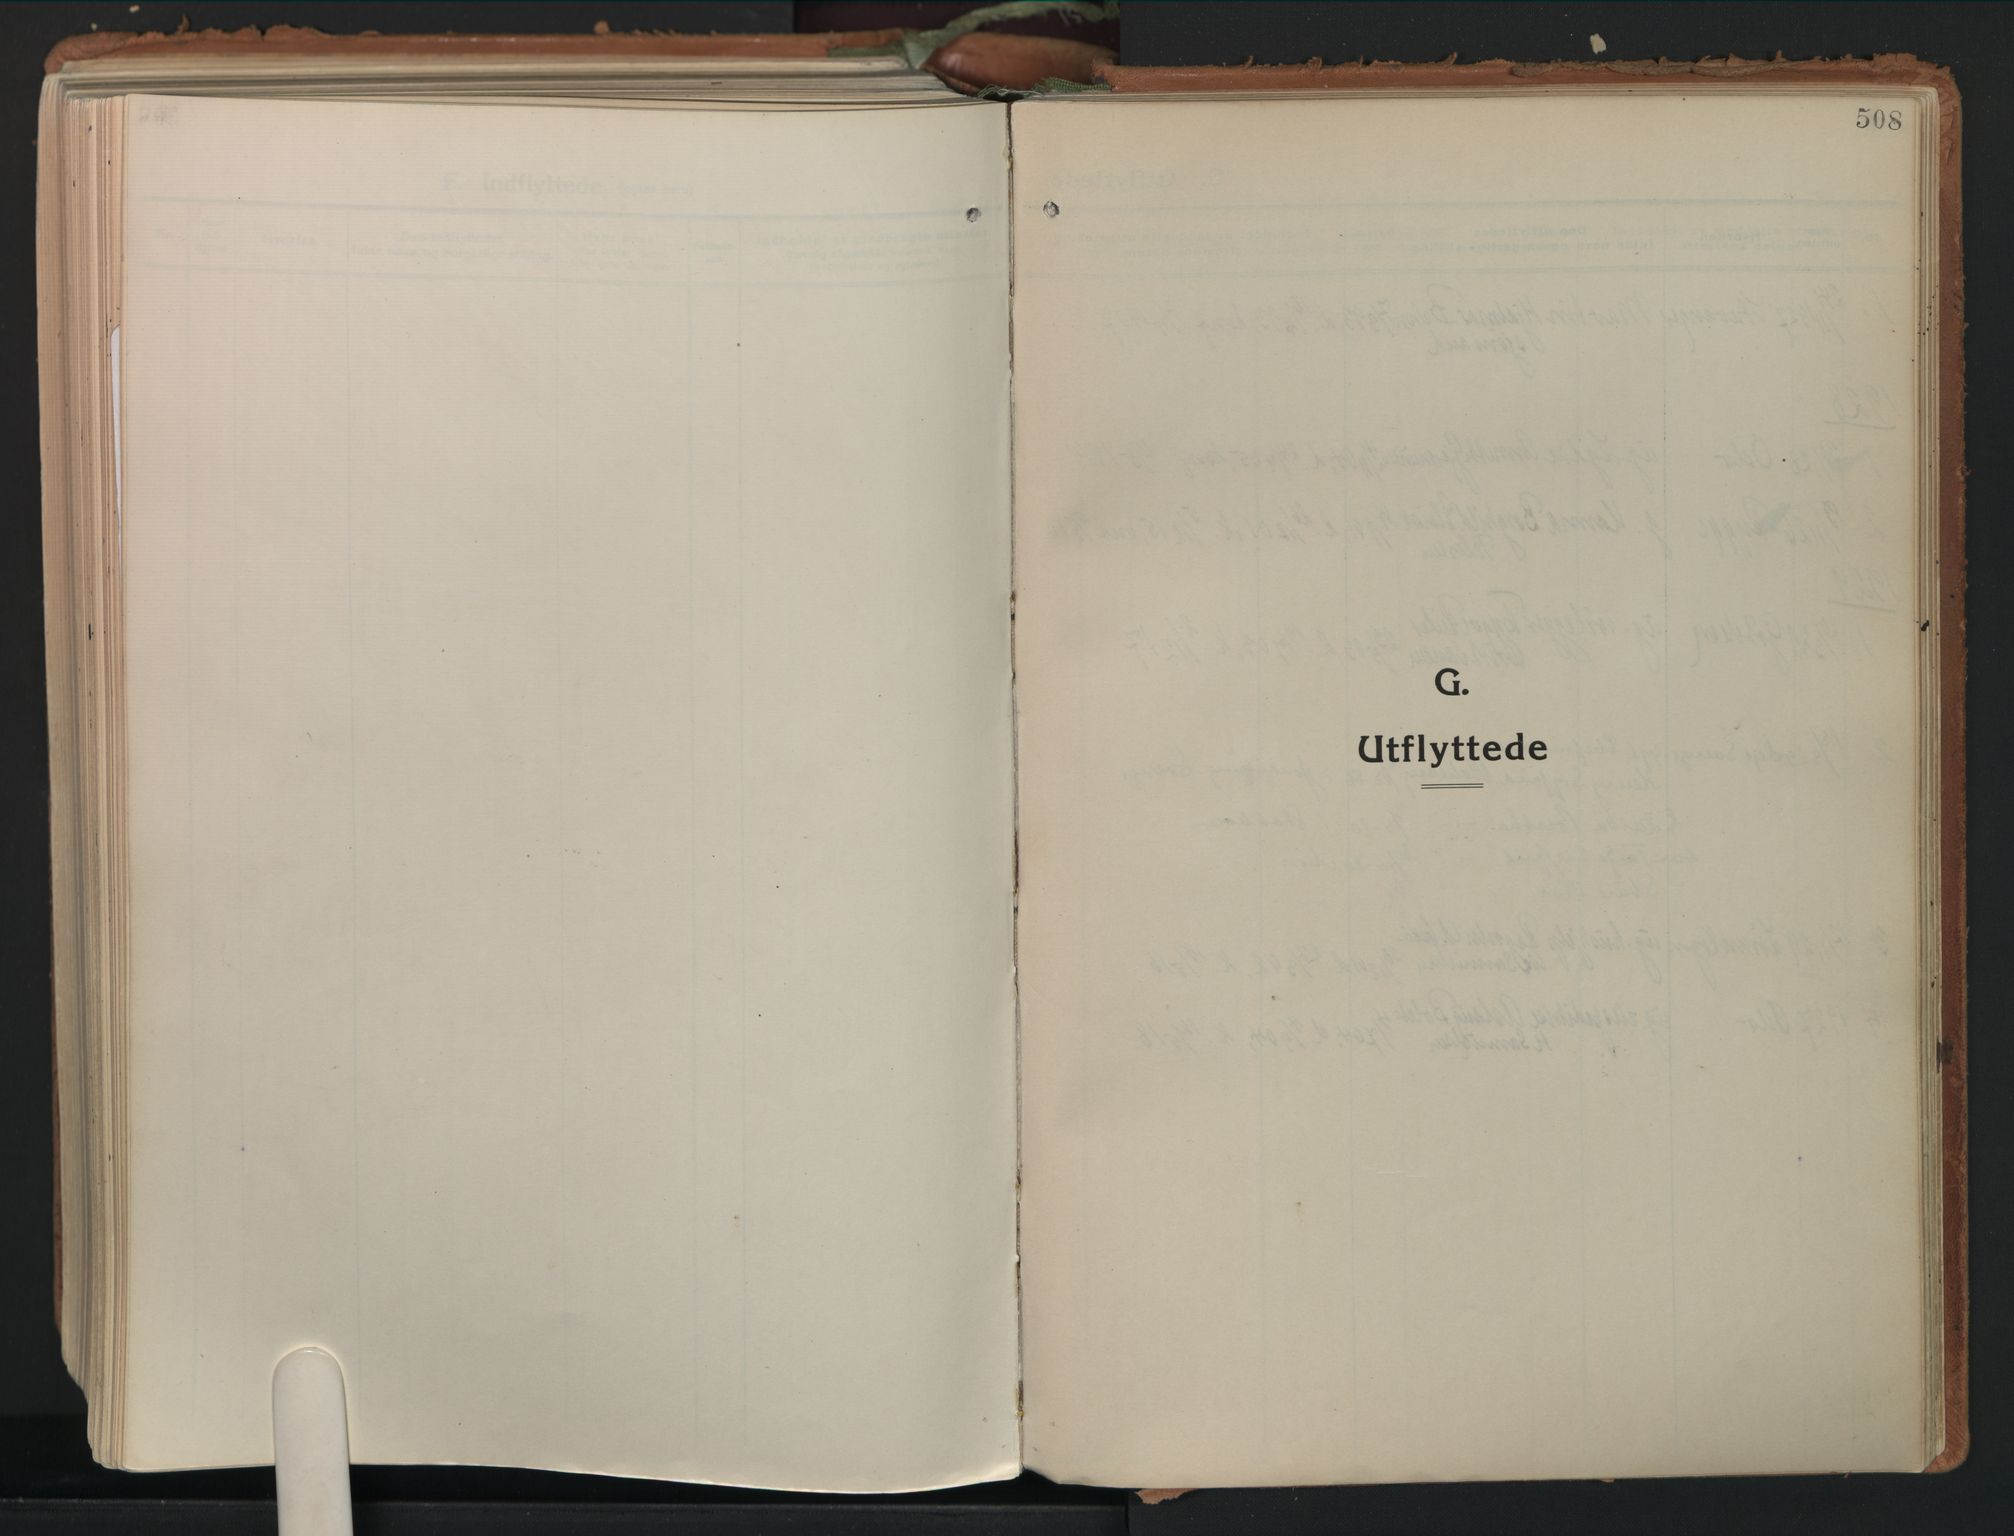 SAO, Moss prestekontor Kirkebøker, F/Fb/Fab/L0006: Ministerialbok nr. II 6, 1924-1932, s. 508